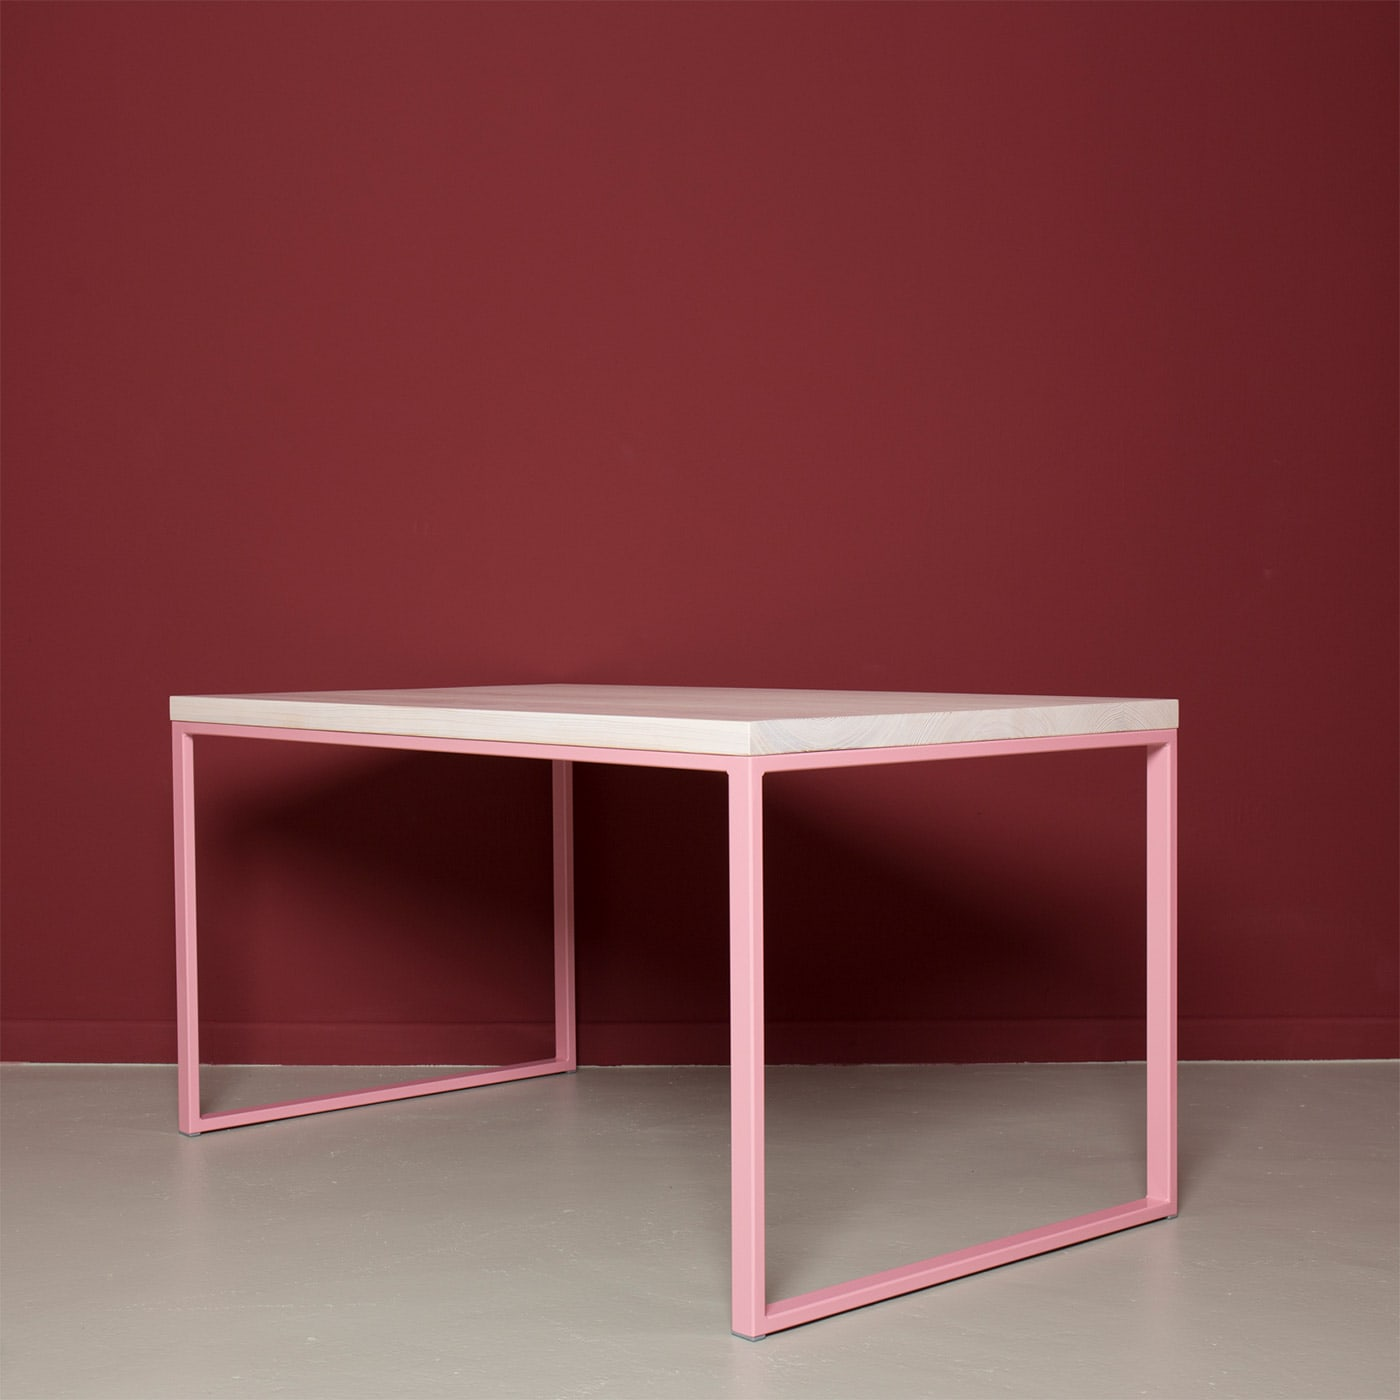 02 meerssen tisch esstisch bauholz holz stahl hellrosa rosa johannenlies